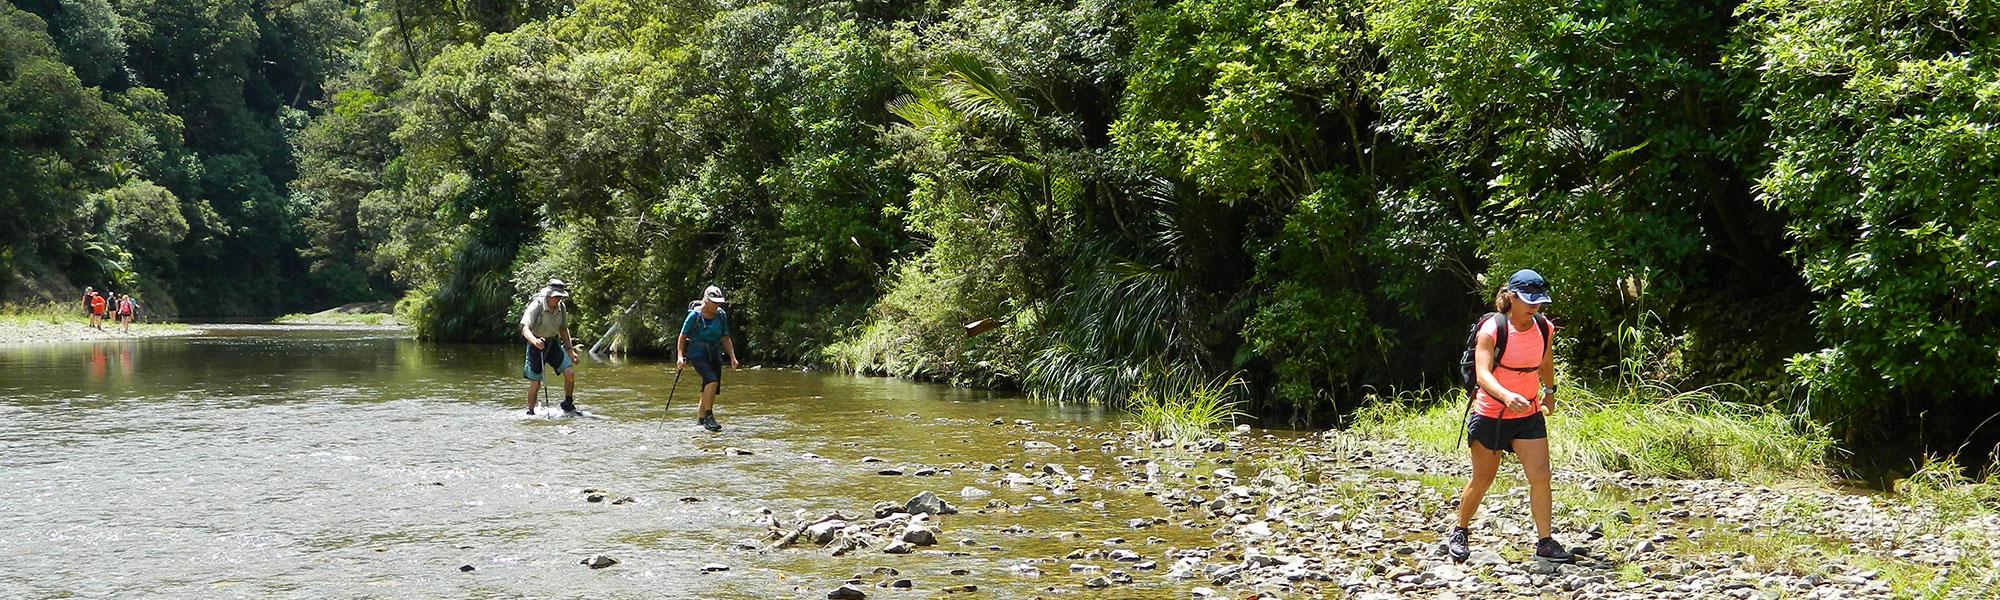 Waipapa River walk, Puketi Forest